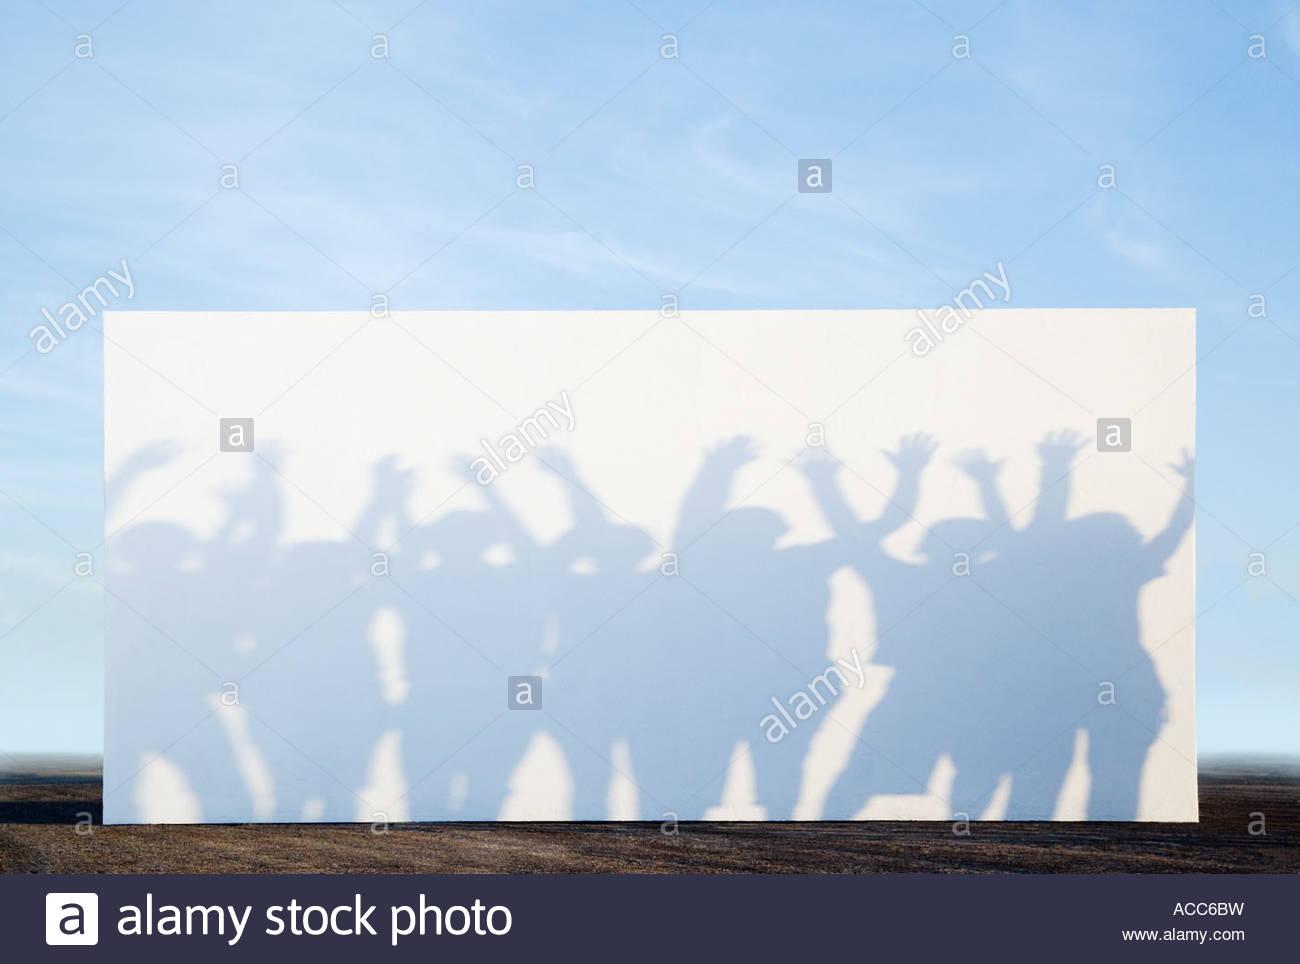 Silhouette Schatten von Menschen auf einem Plakat Stockbild